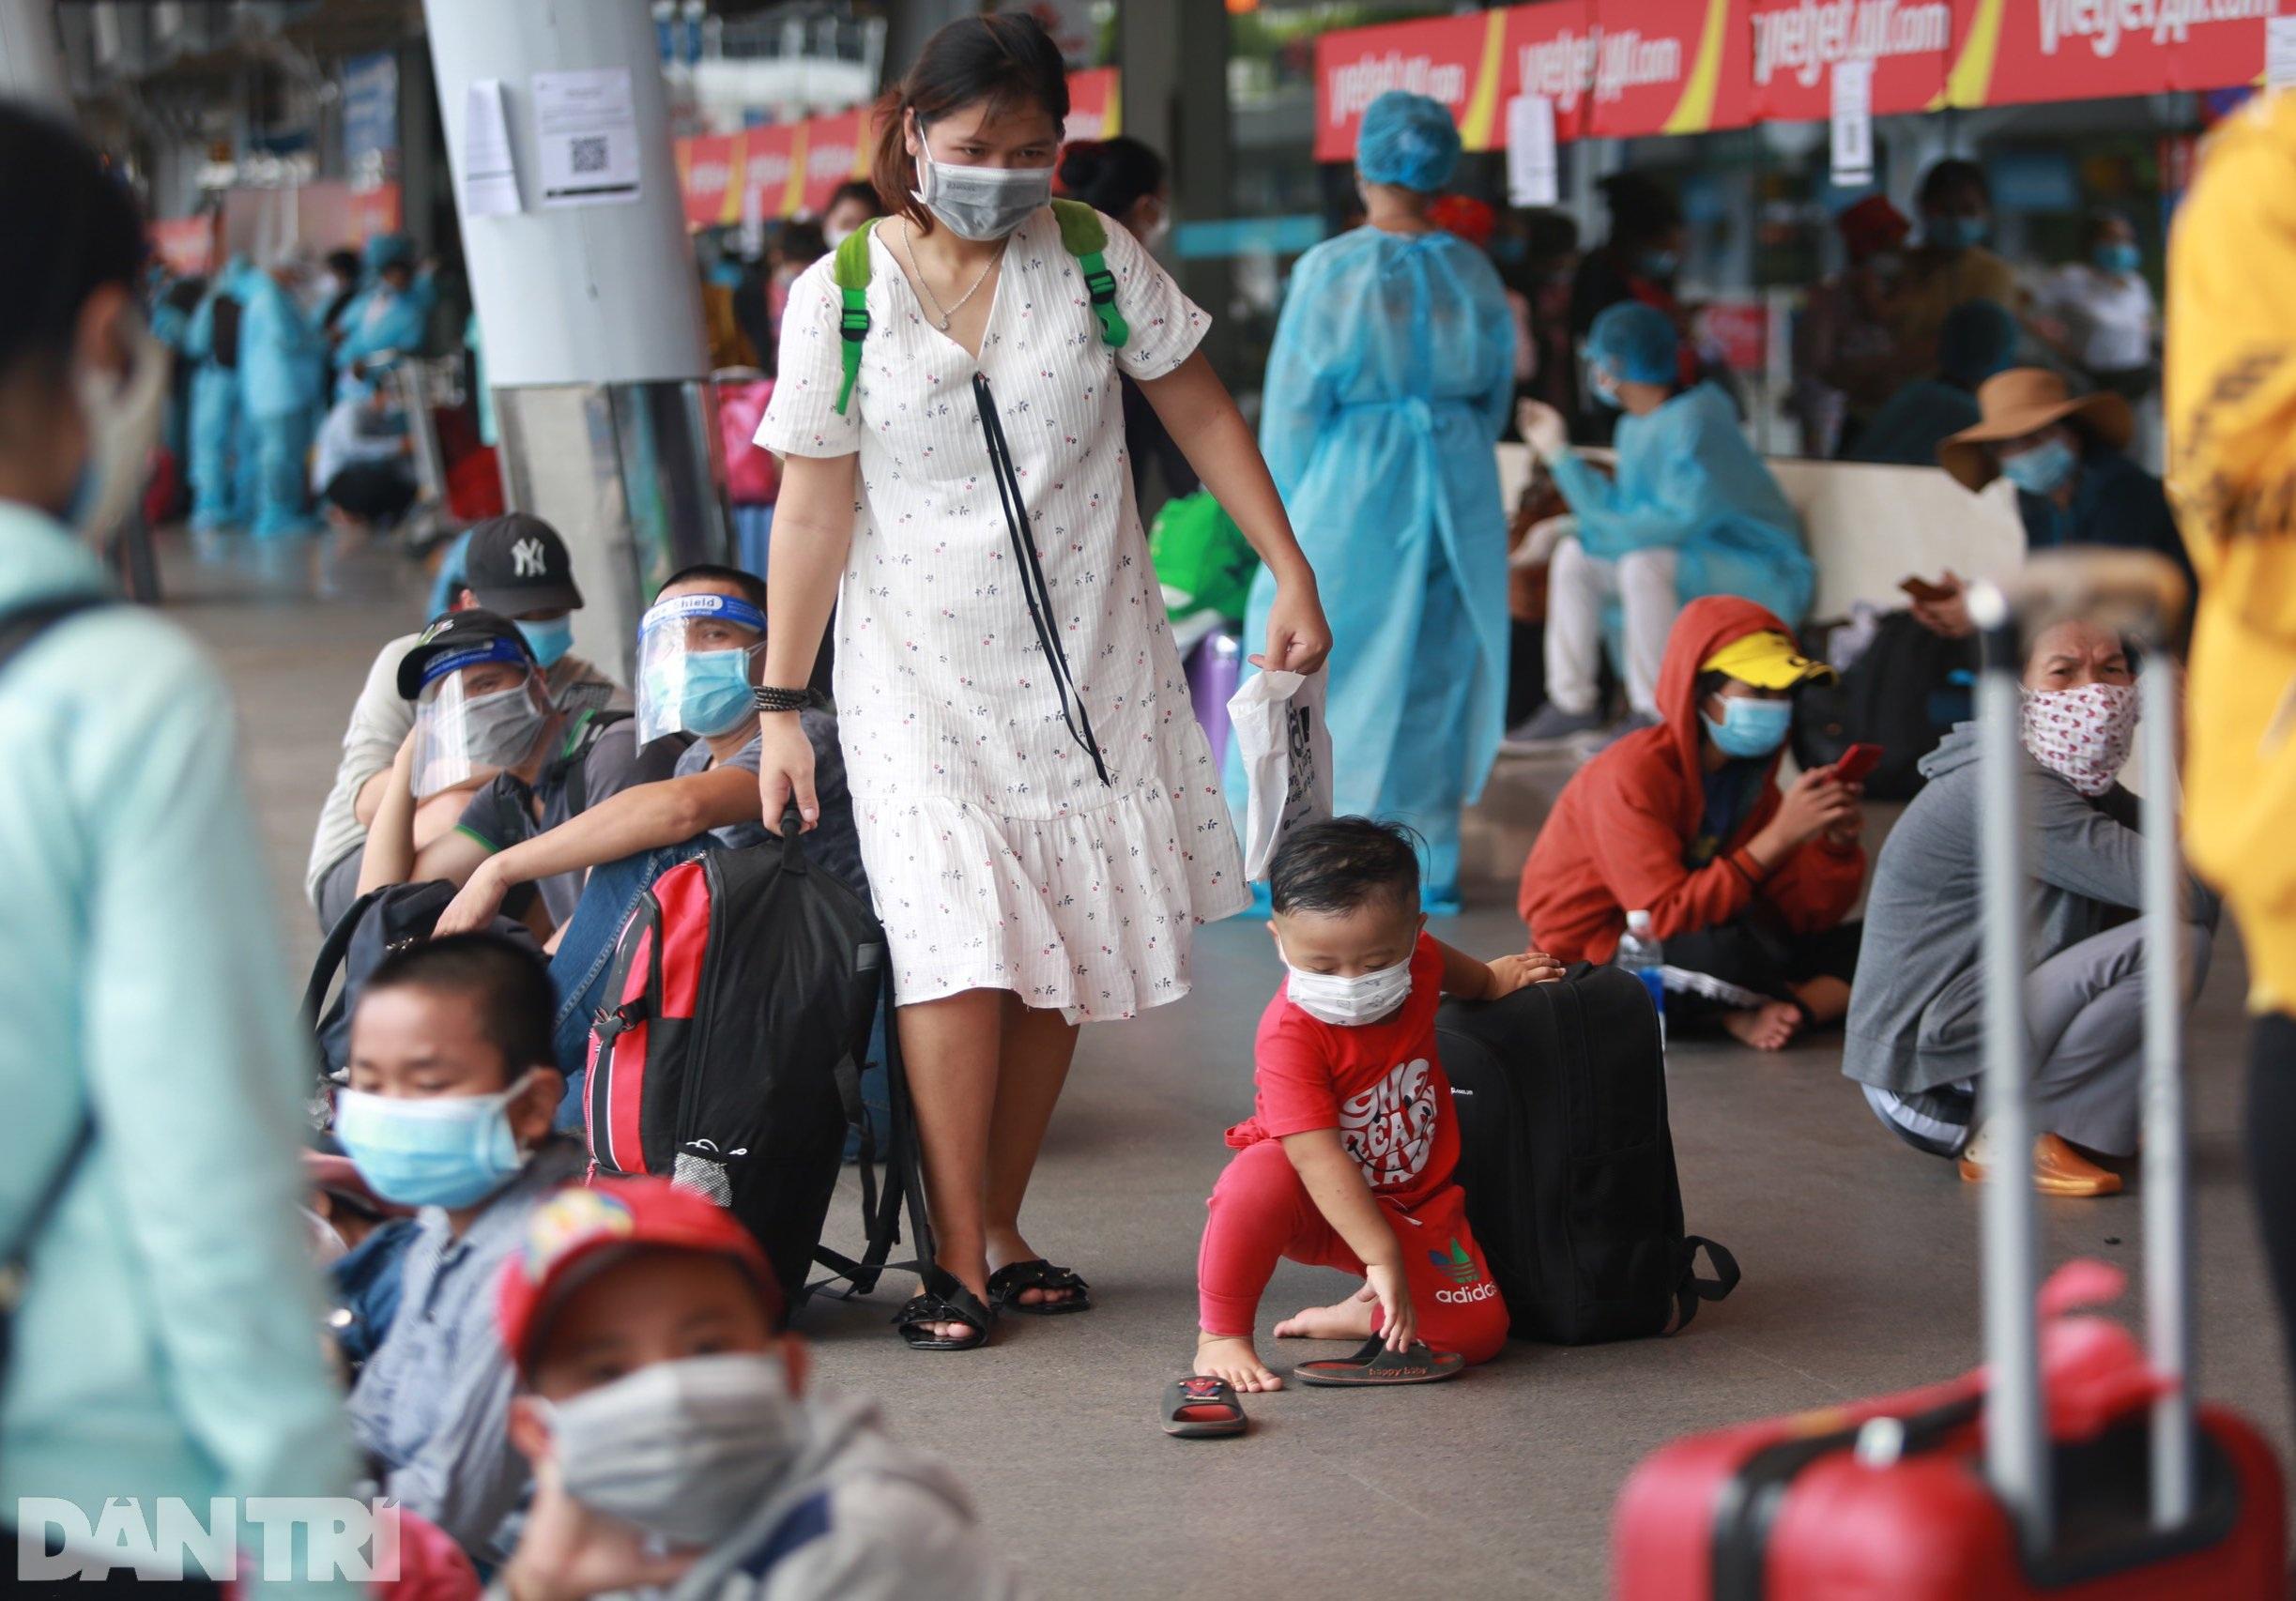 Nỗi lòng người dứt áo rời Sài Gòn về quê khi thành phố đổ bệnh - 3